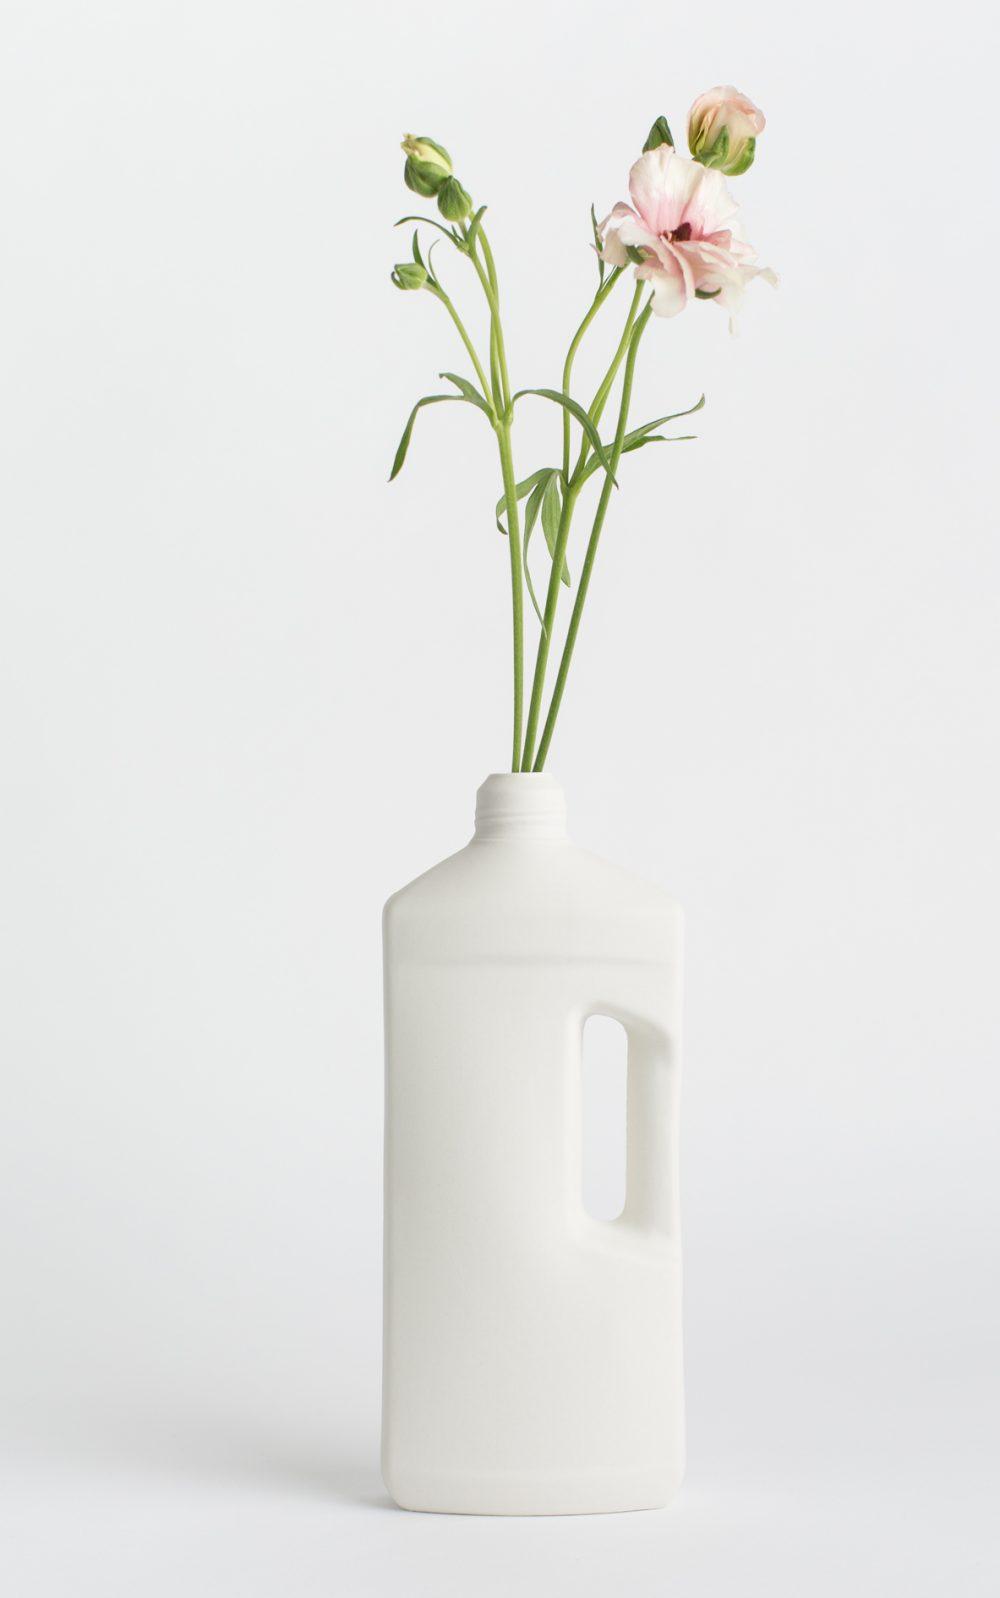 bottle vase #3 white with flower